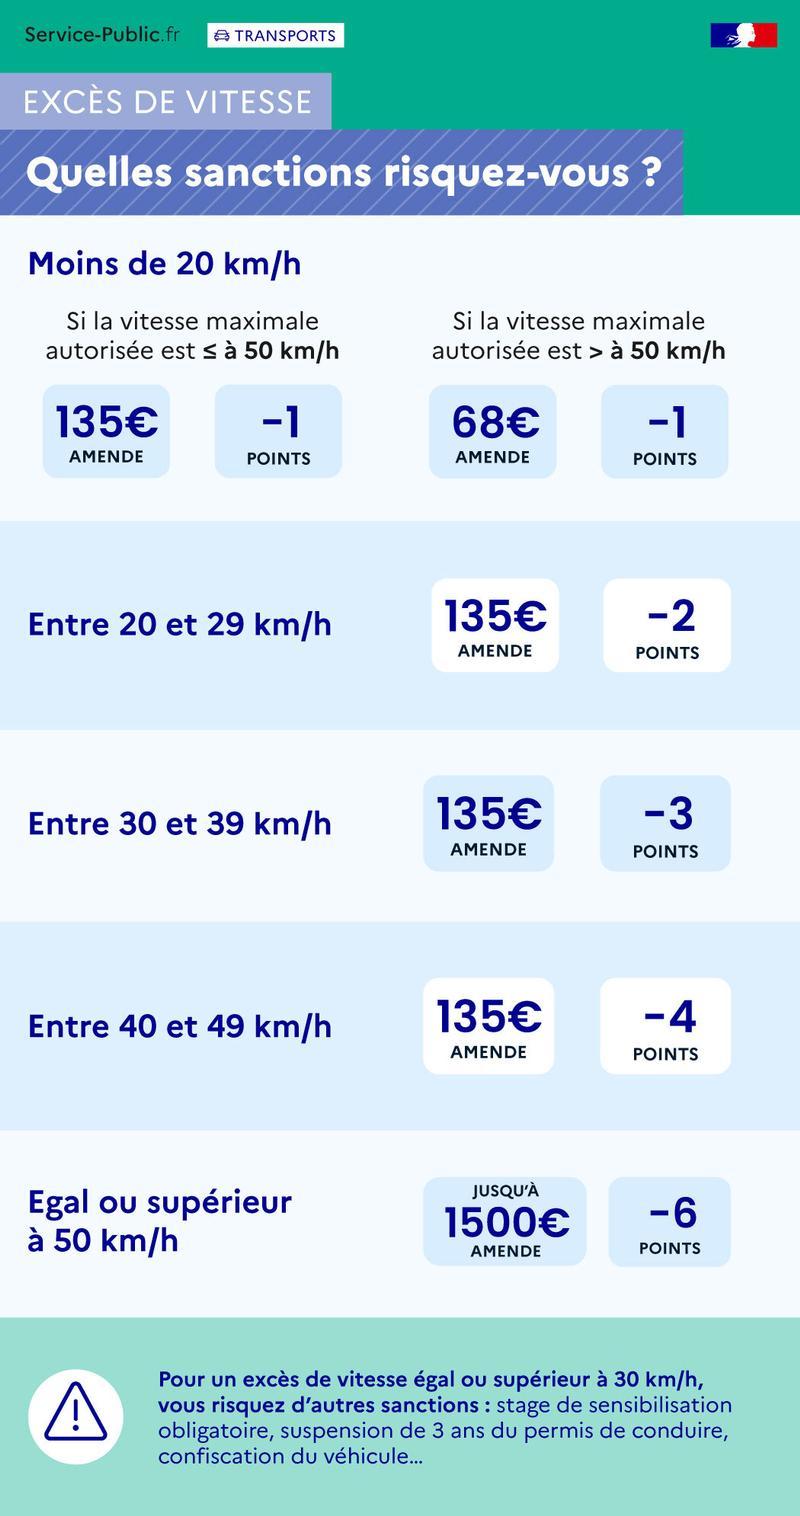 - Sanctions en cas d'excès de vitesse - plus de détails dans le texte suivant l'infographie